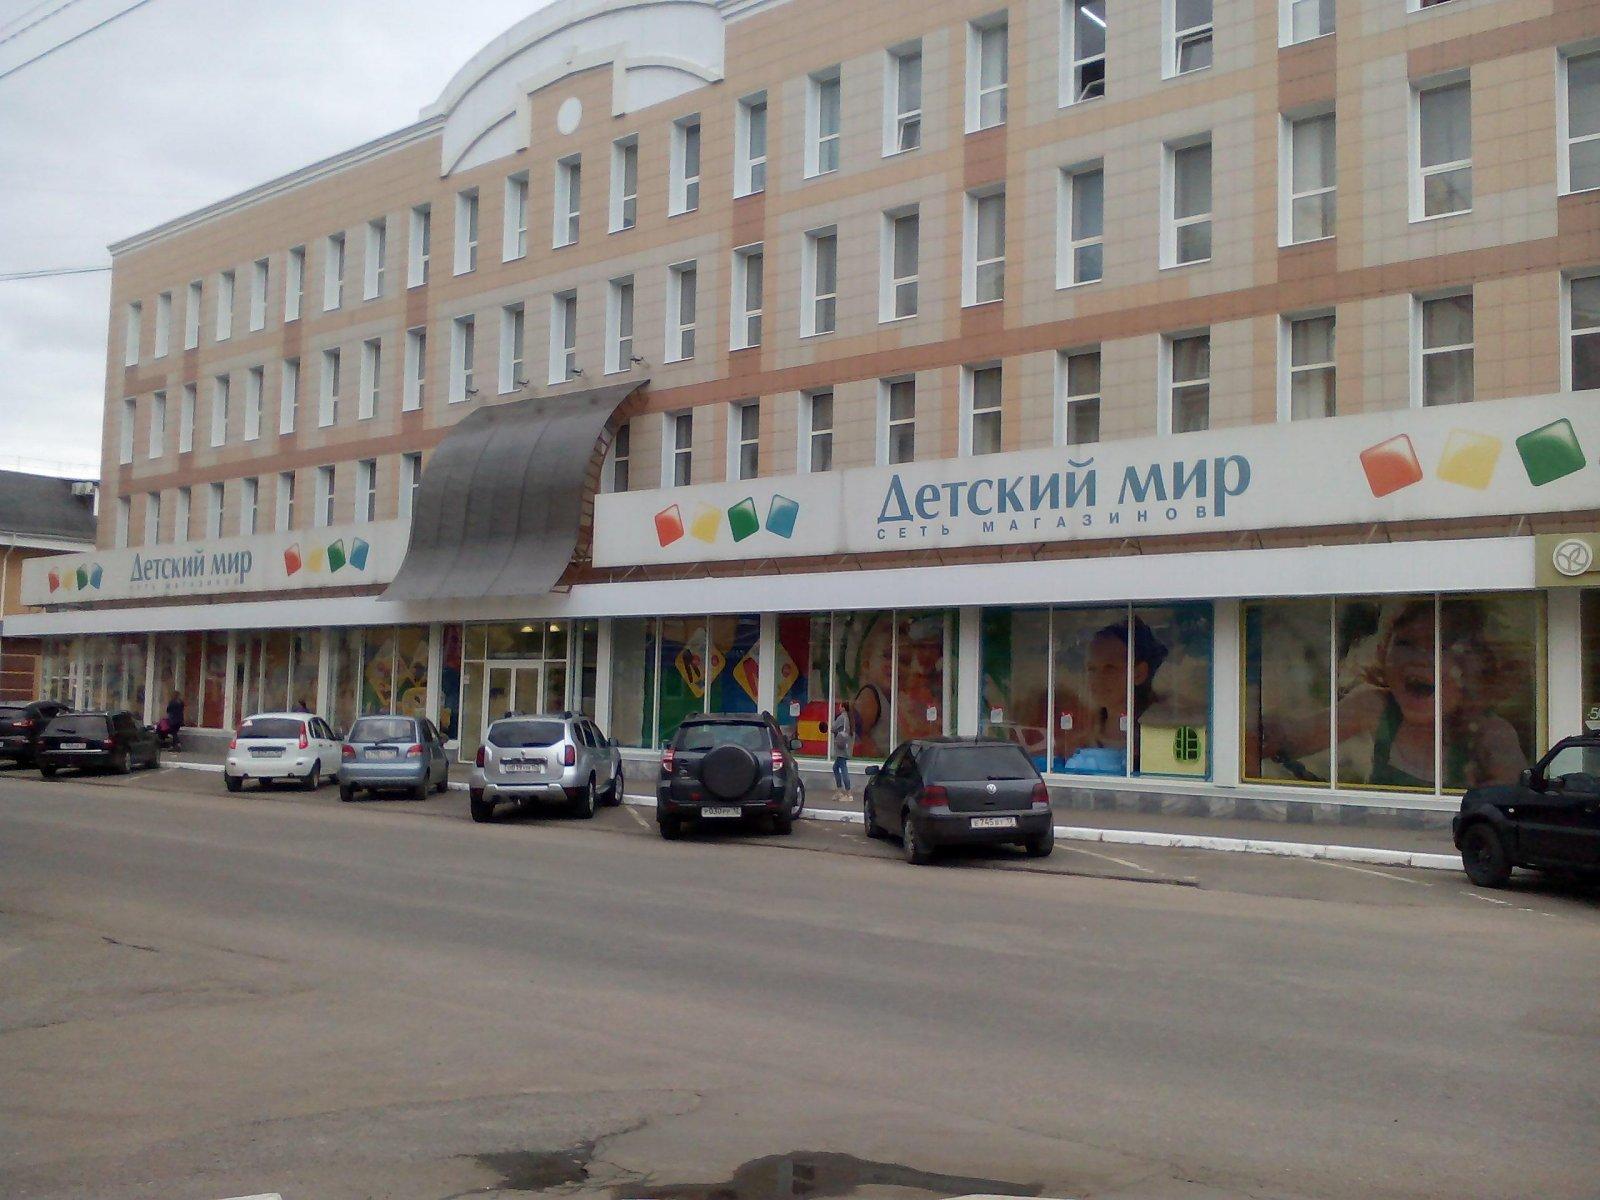 Магазин Детский Мир В Йошкар Оле